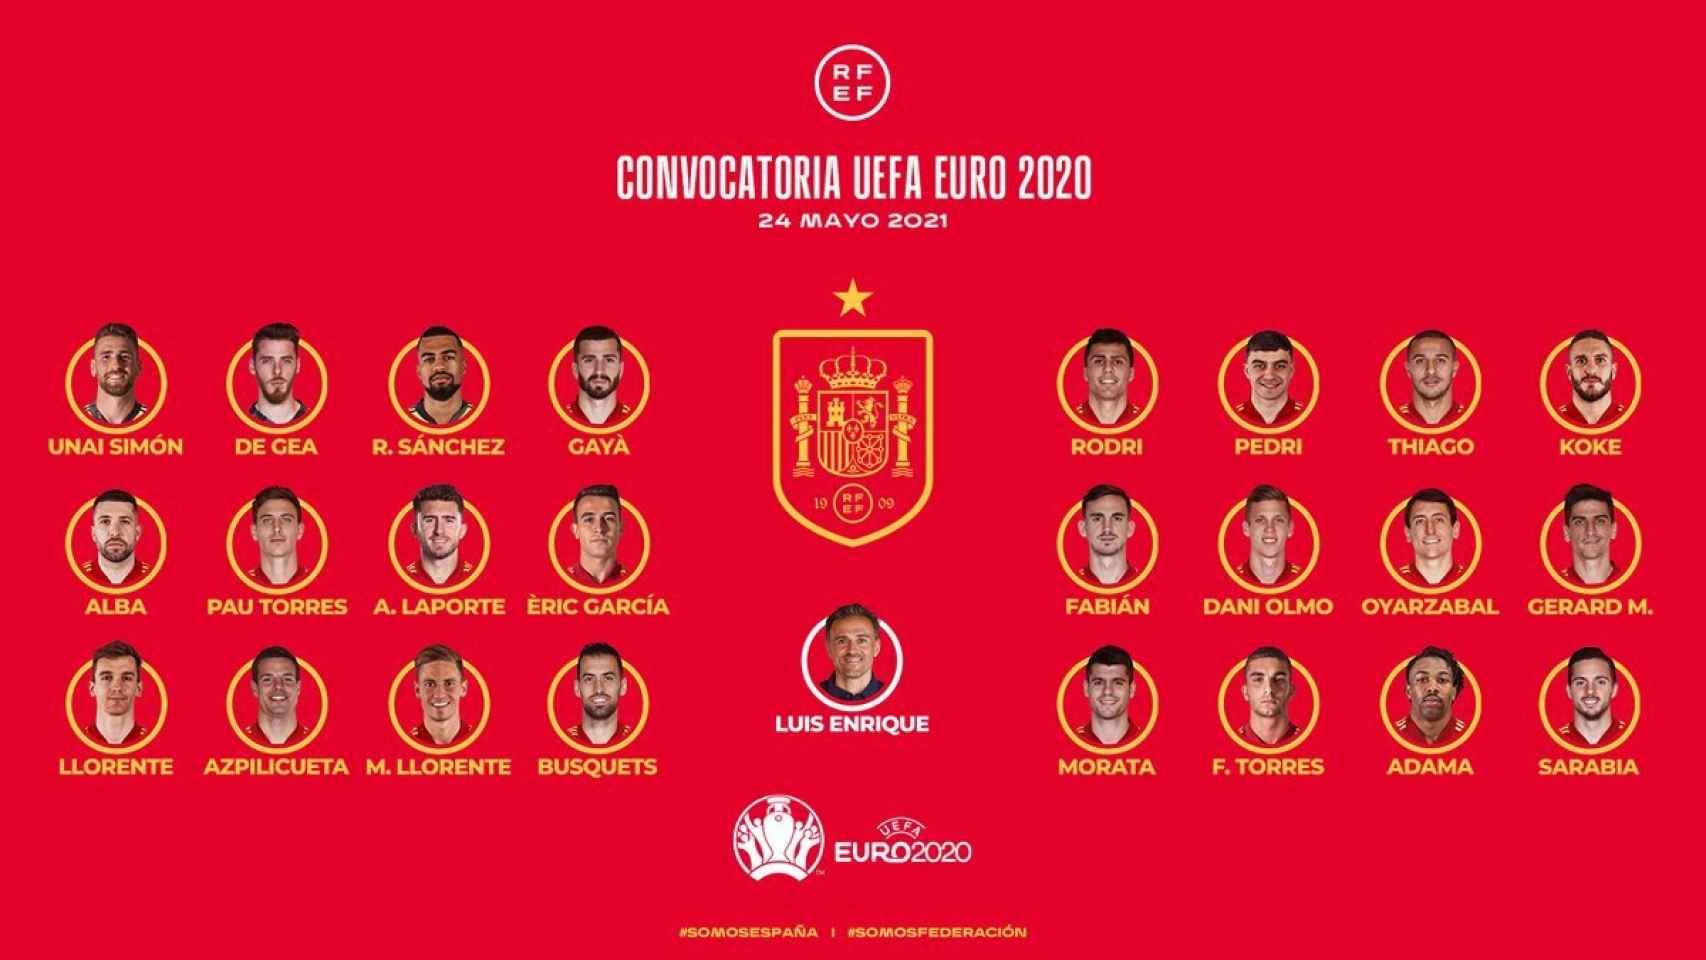 La lista de 24 convocados de Luis Enrique para la Eurocopa 2020